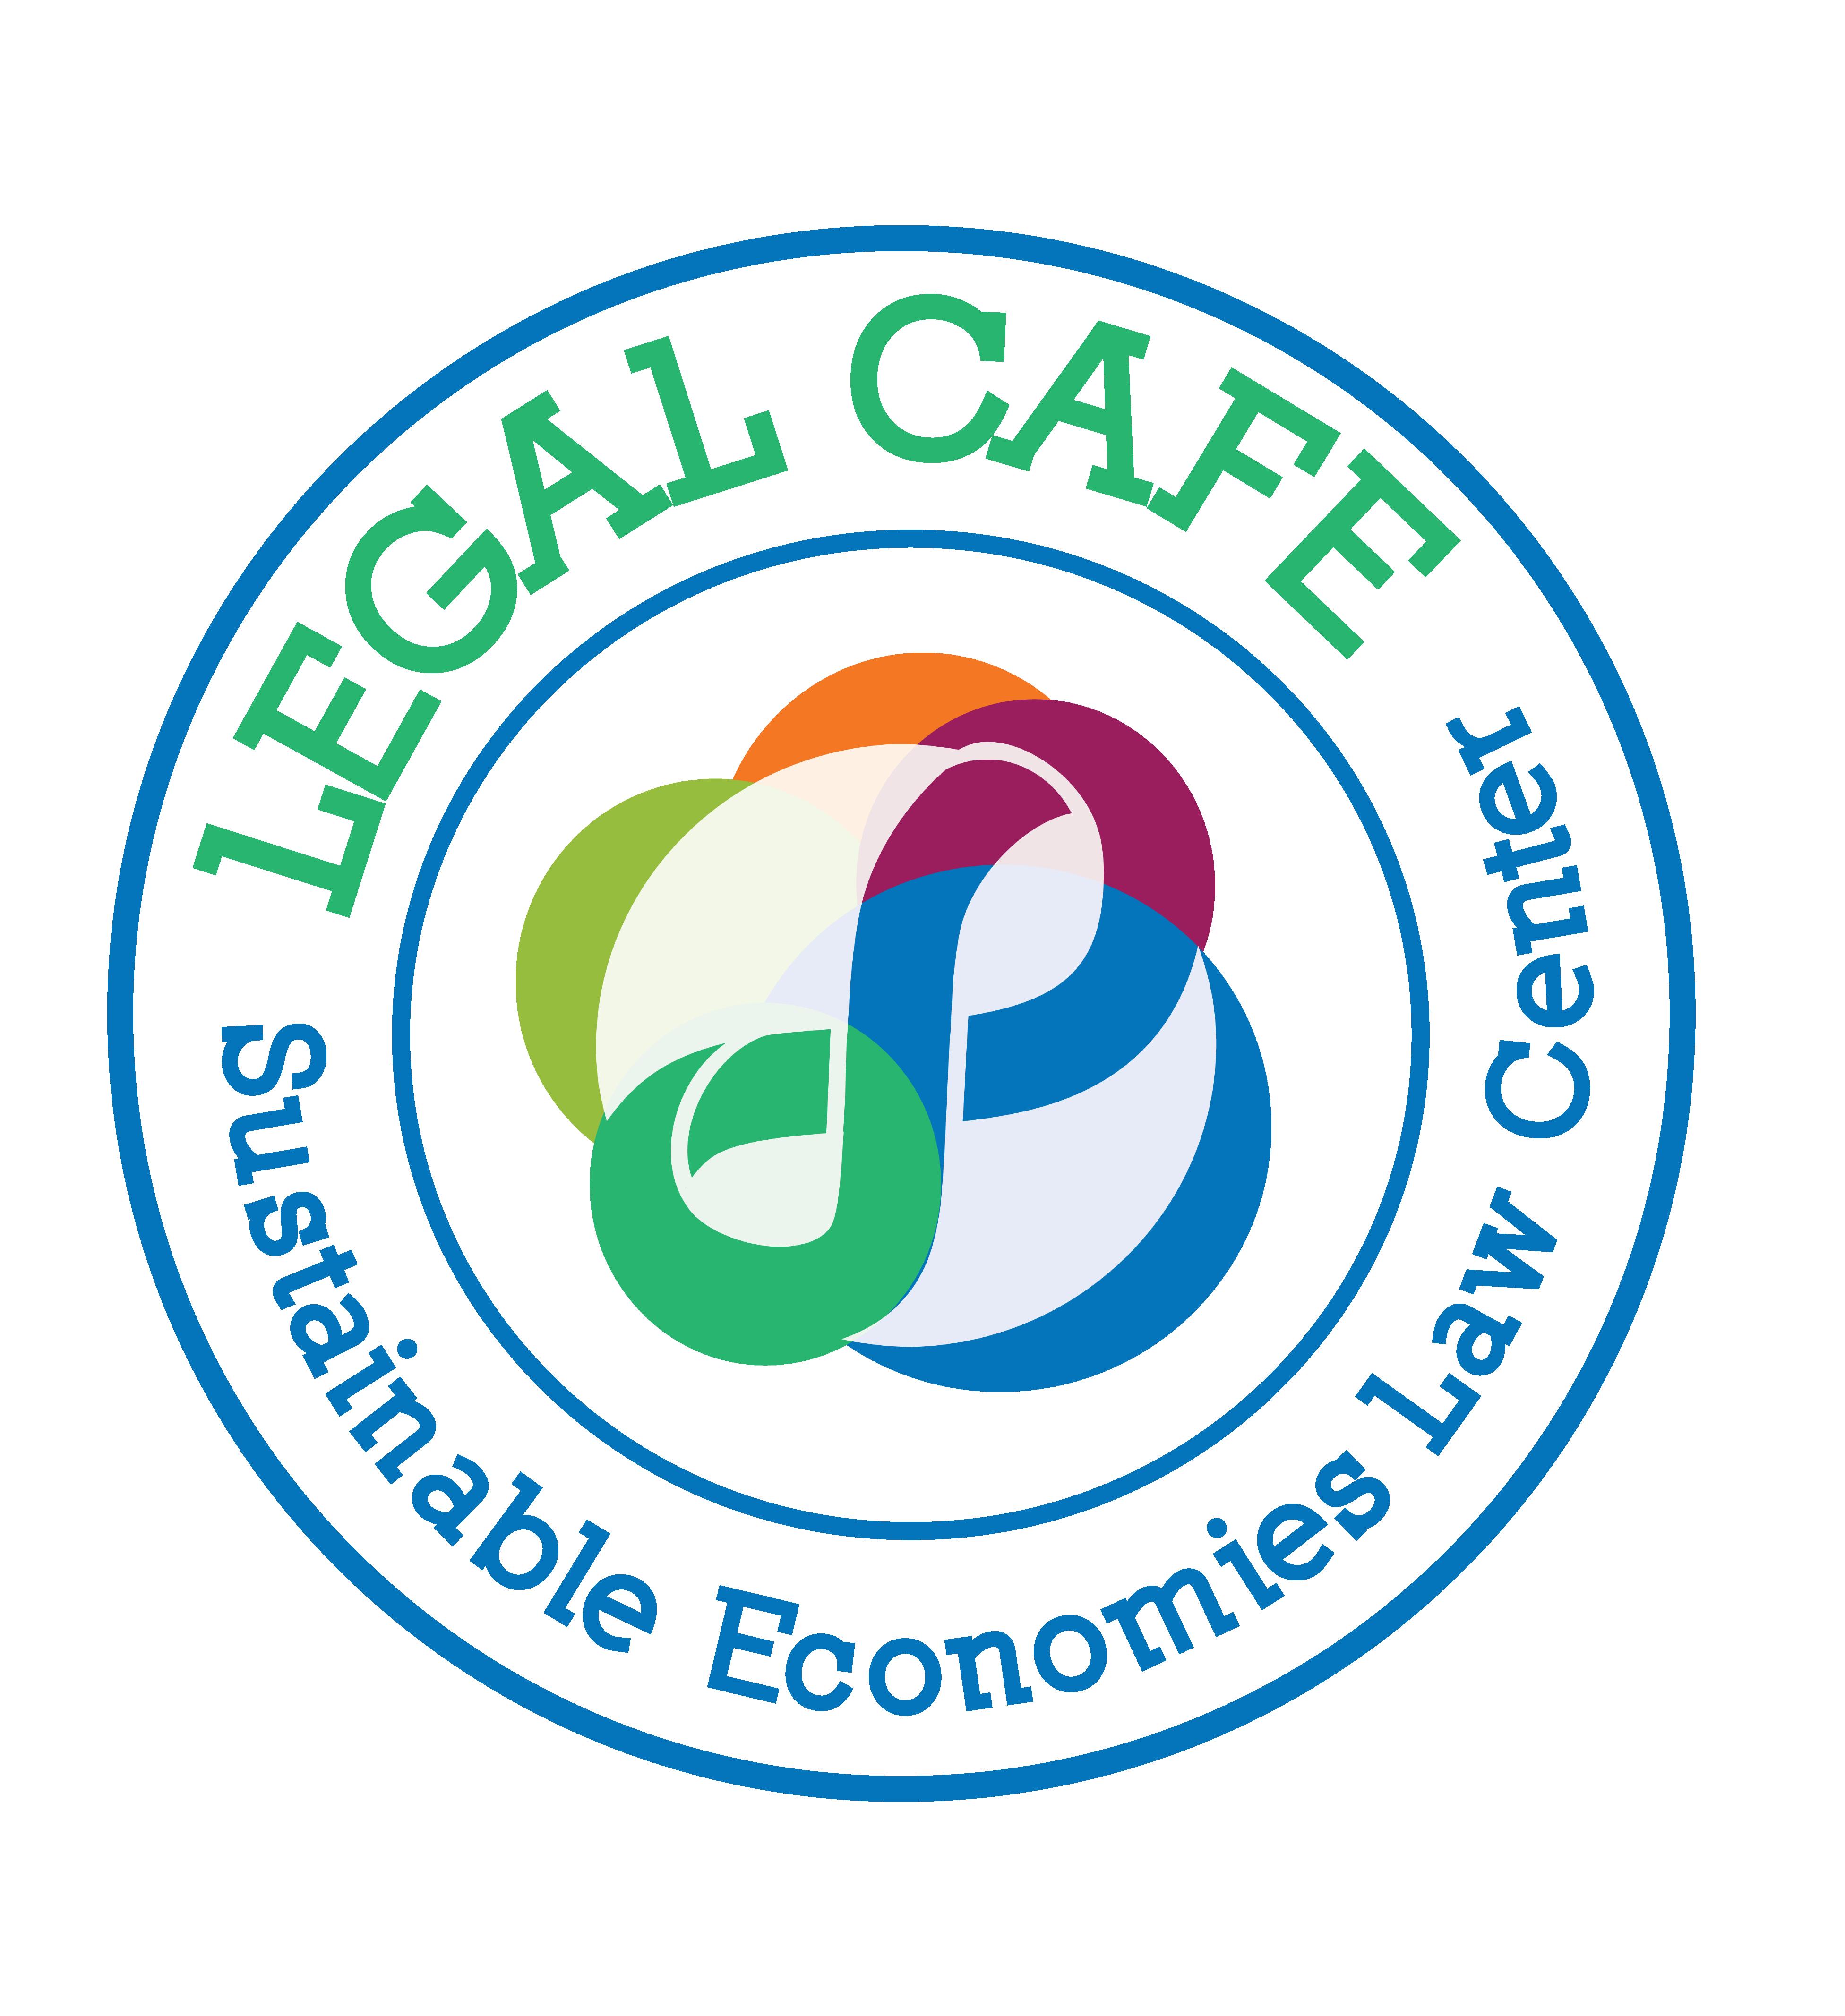 Legal Cafe